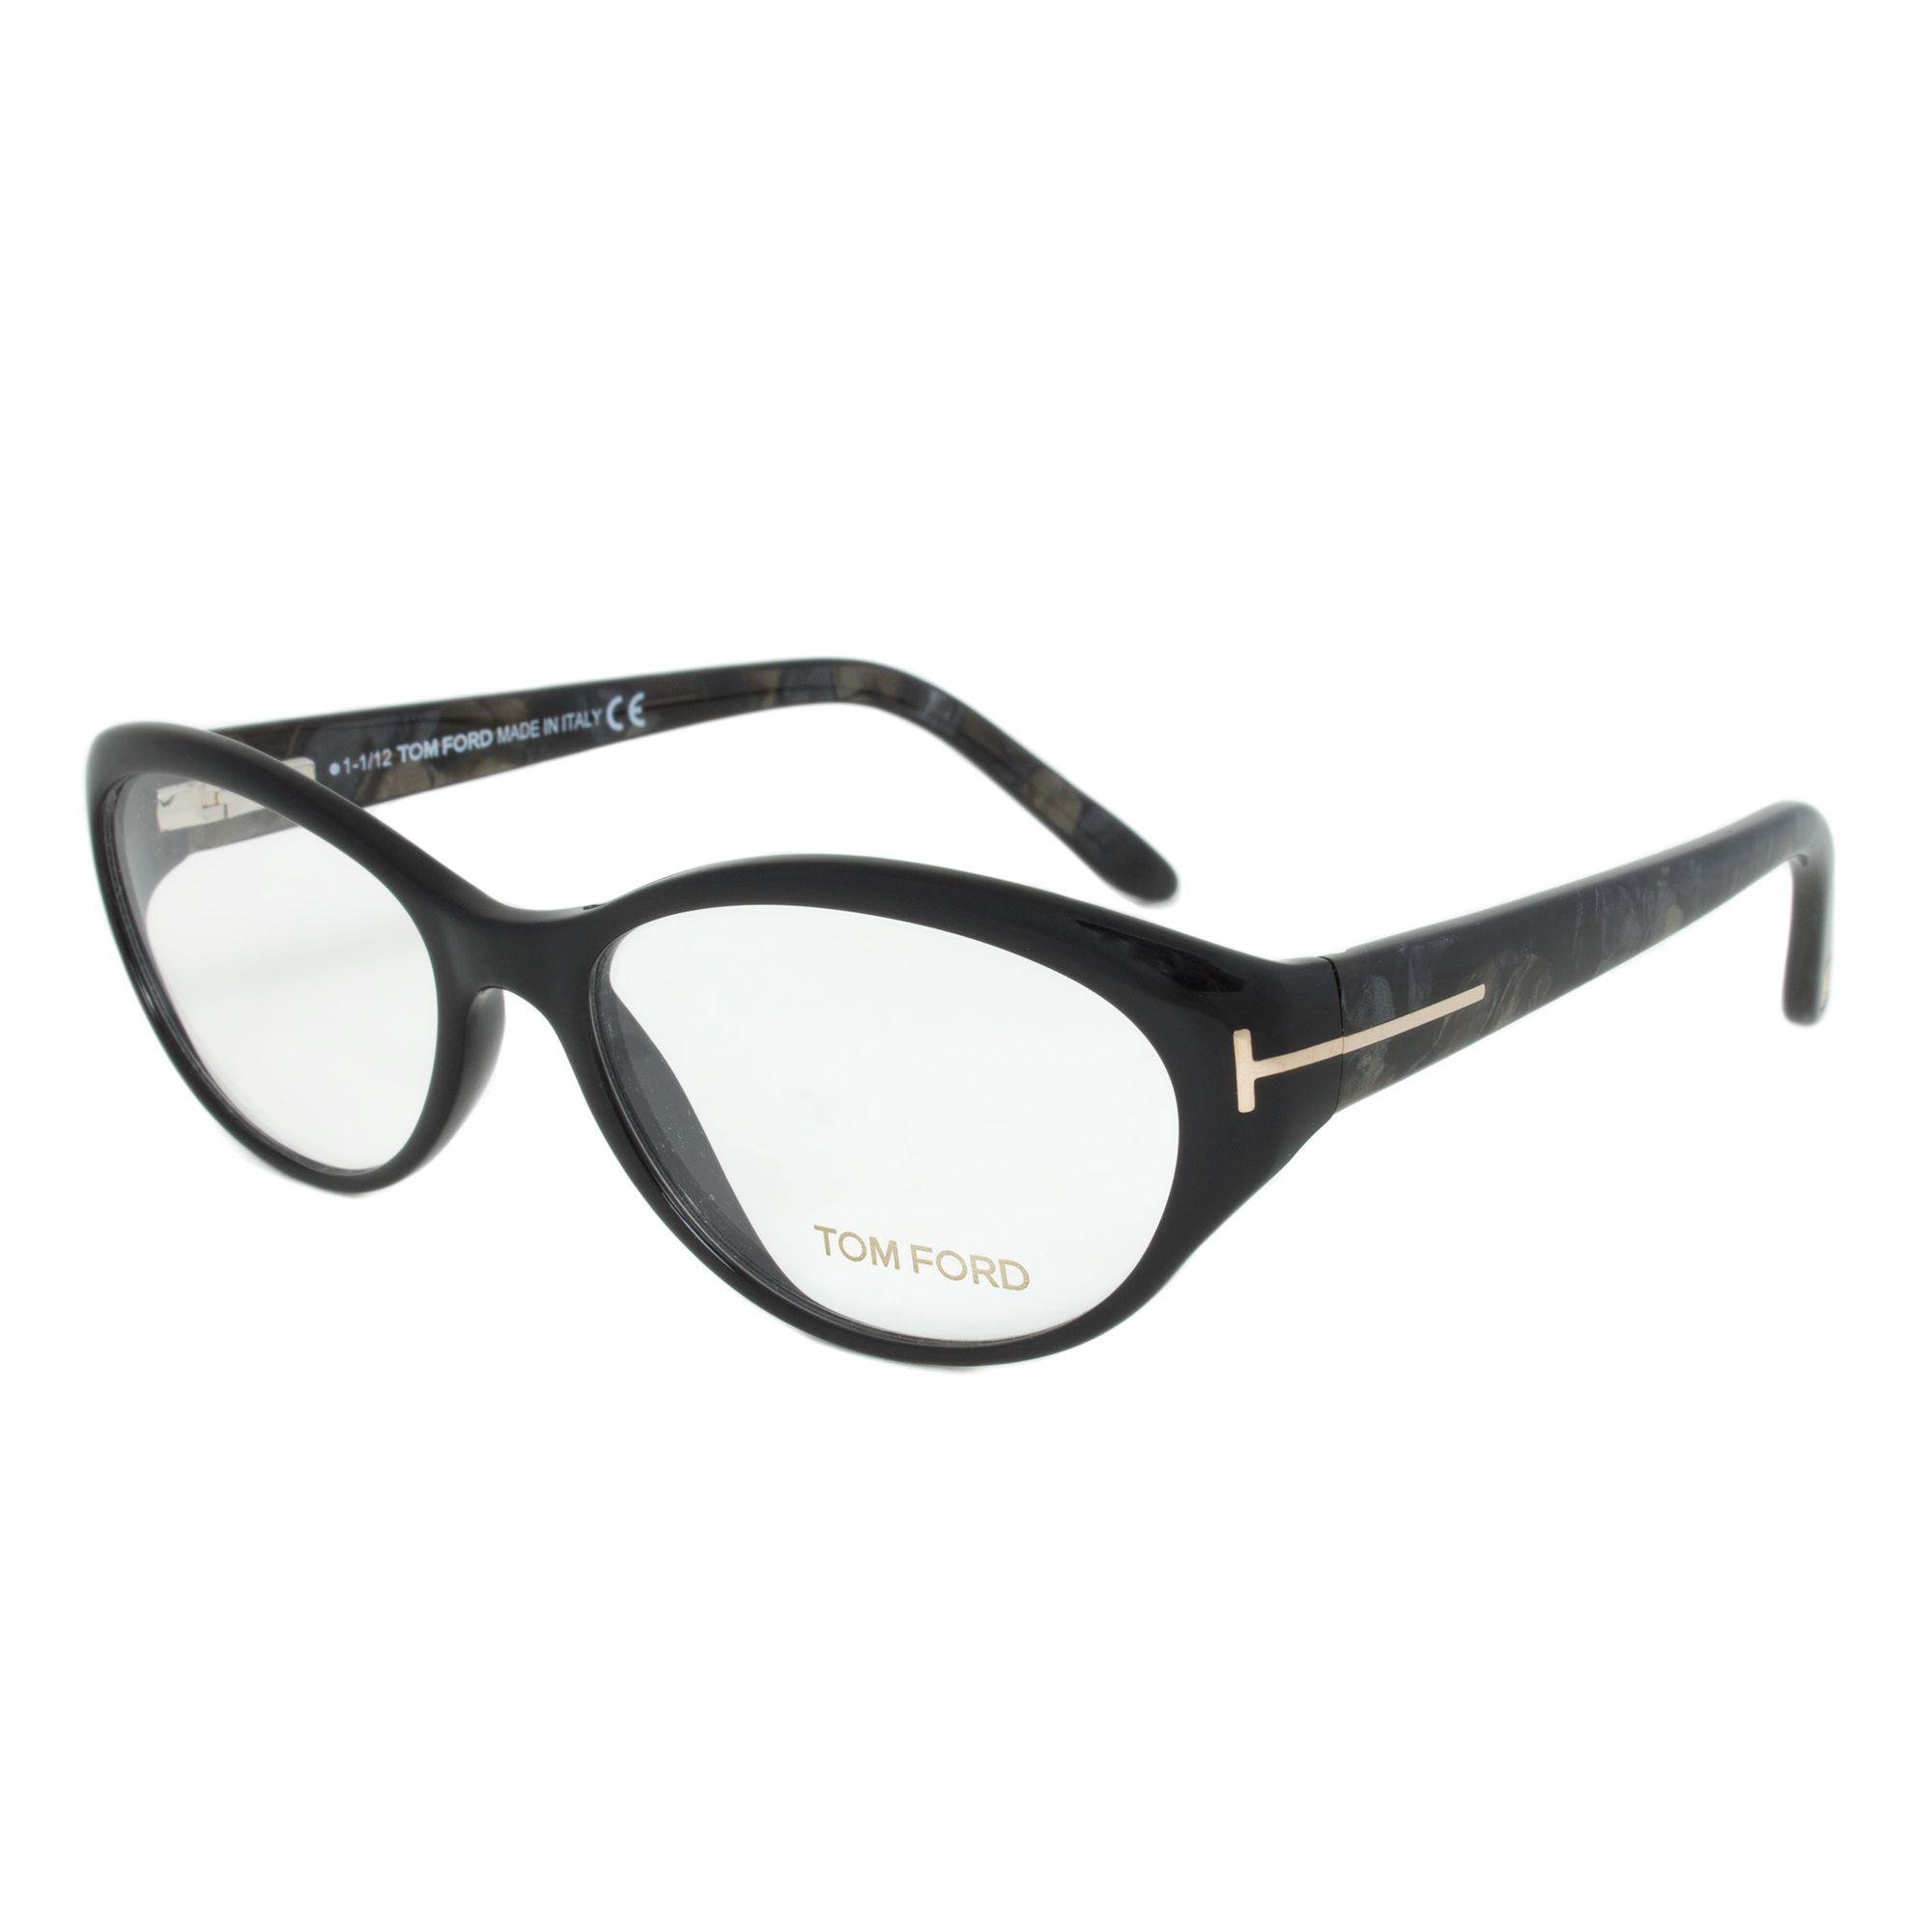 outlet designer tom of eyeglasses picture ford frames